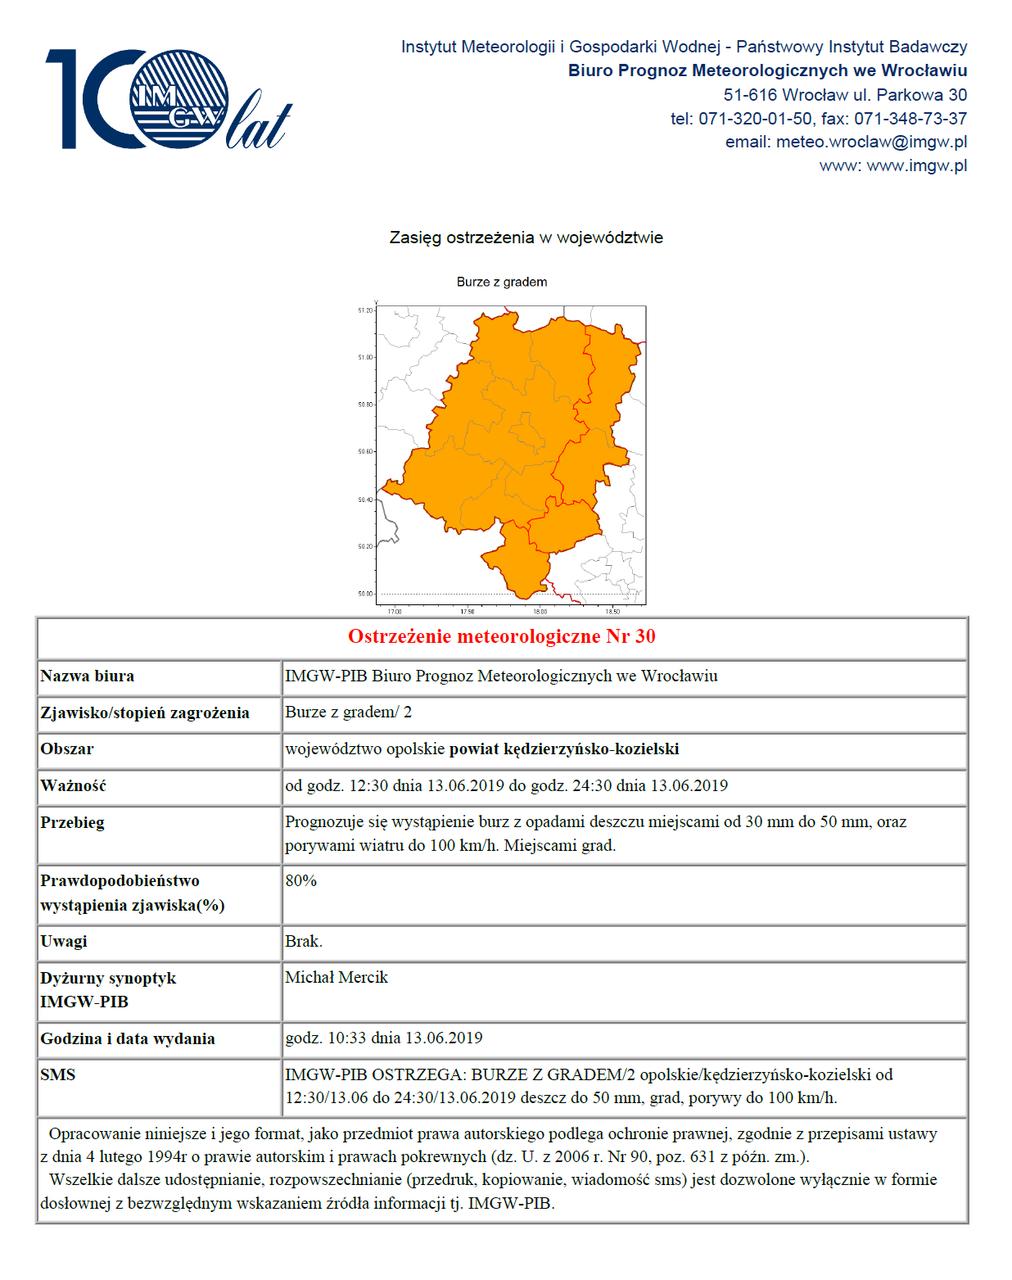 Ostrzeżenie meteorologiczne nr 30 z 13.06.2019.png